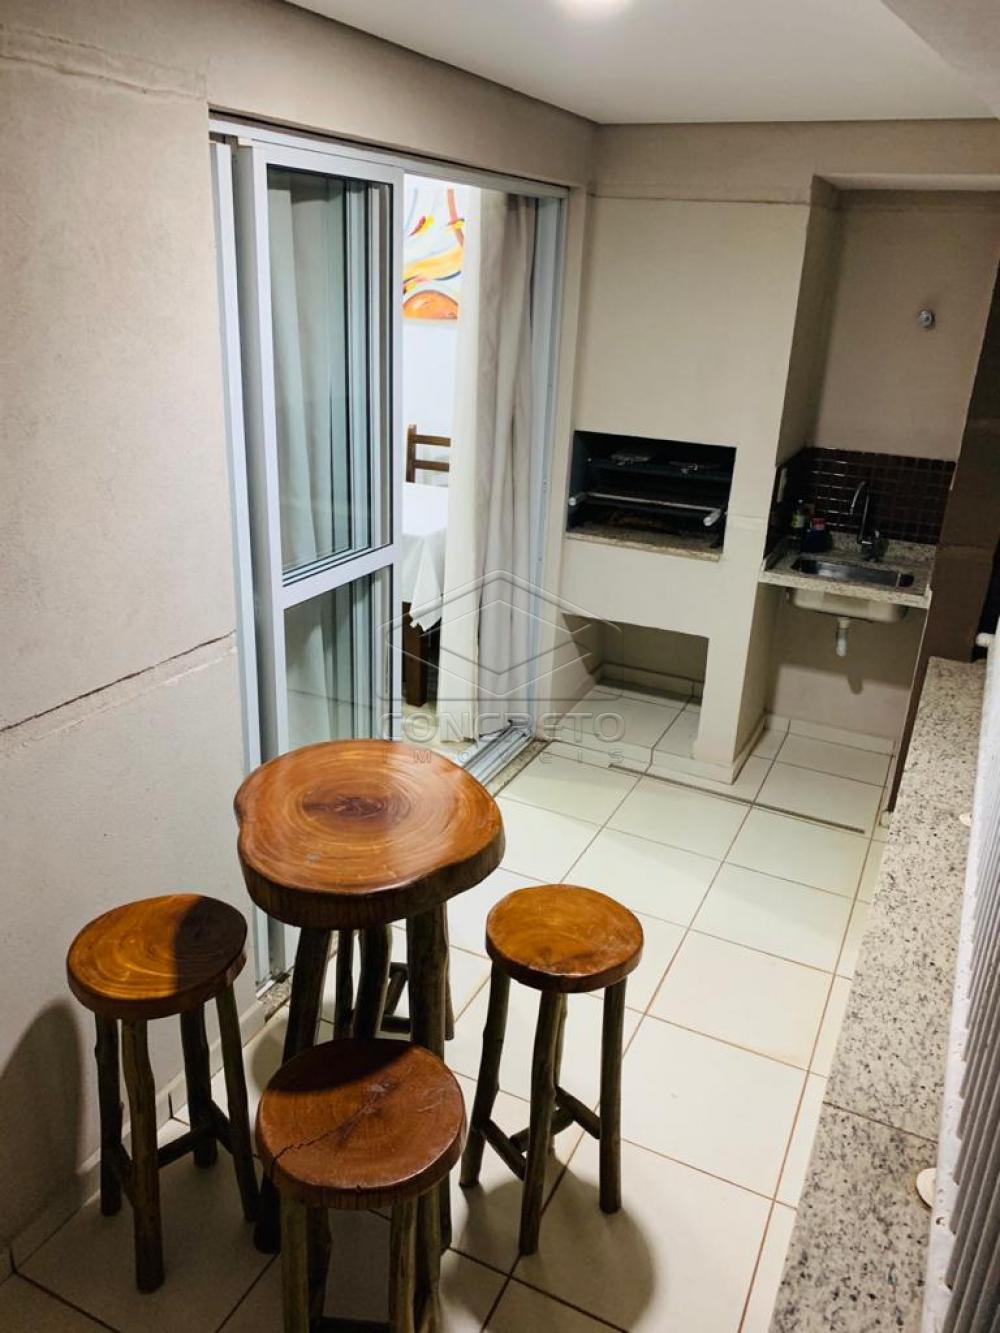 Comprar Apartamento / Padrão em Bauru R$ 280.000,00 - Foto 19